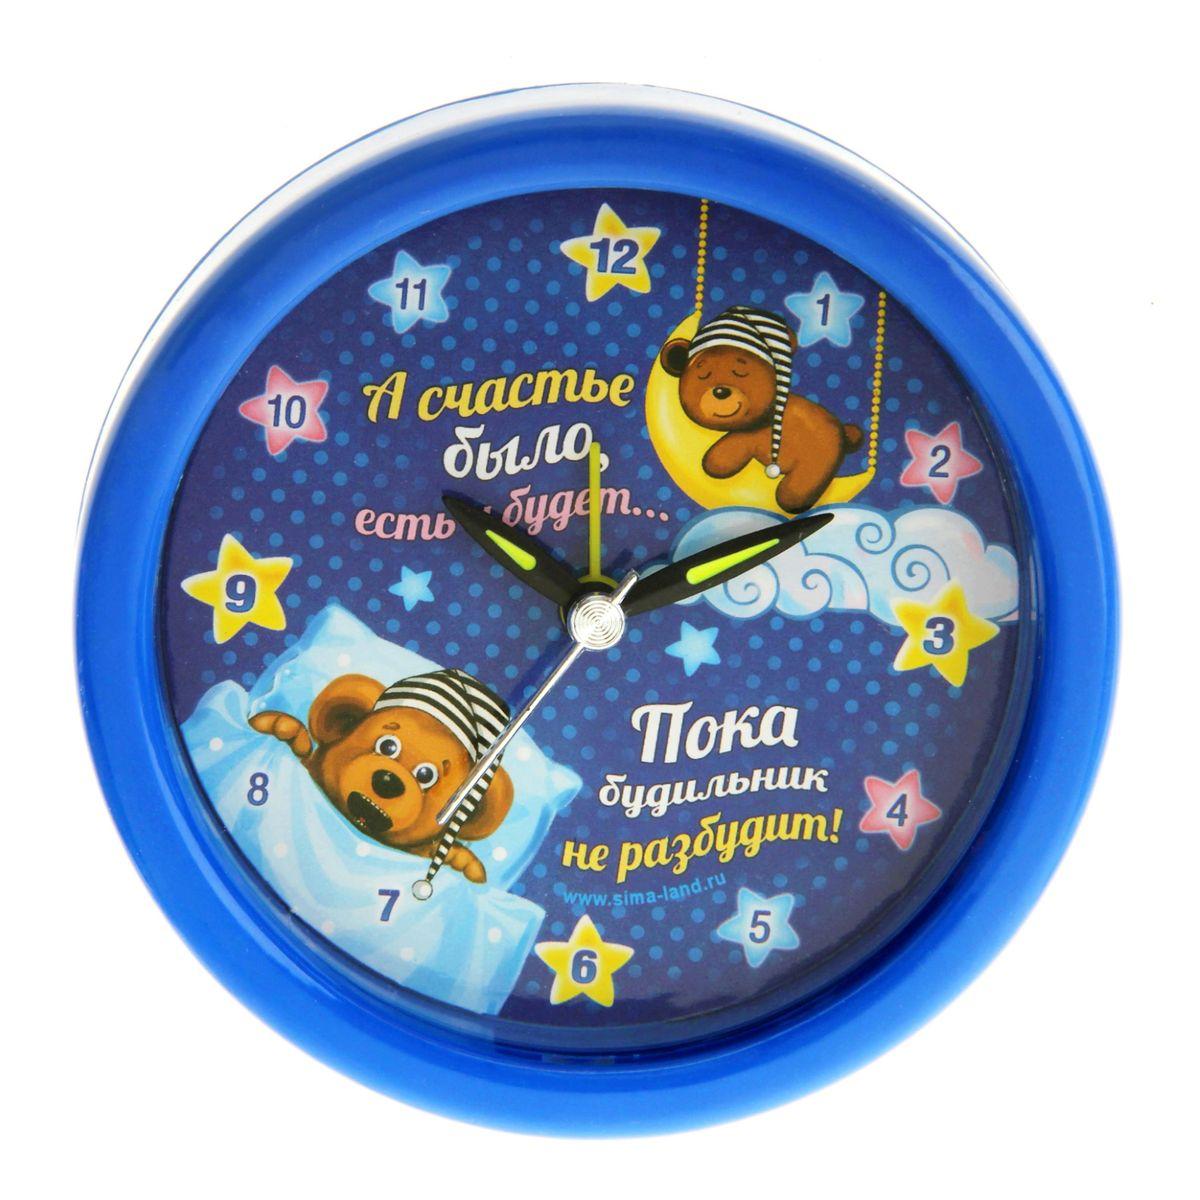 Часы-будильник Sima-land Счастье есть и будет843444Как же сложно иногда вставать вовремя! Всегда так хочется поспать еще хотя бы 5 минут и бывает, что мы просыпаем. Теперь этого не случится! Яркий, оригинальный будильник Sima-land Счастье есть и будет поможет вам всегда вставать в нужное время и успевать везде и всюду. Будильник украсит вашу комнату и приведет в восхищение друзей. Время показывает точно и будит в установленный час. На задней панели будильника расположены переключатель включения/выключения механизма, а также два колесика для настройки текущего времени и времени звонка будильника. Будильник работает от 1 батарейки типа AA напряжением 1,5V (не входит в комплект).